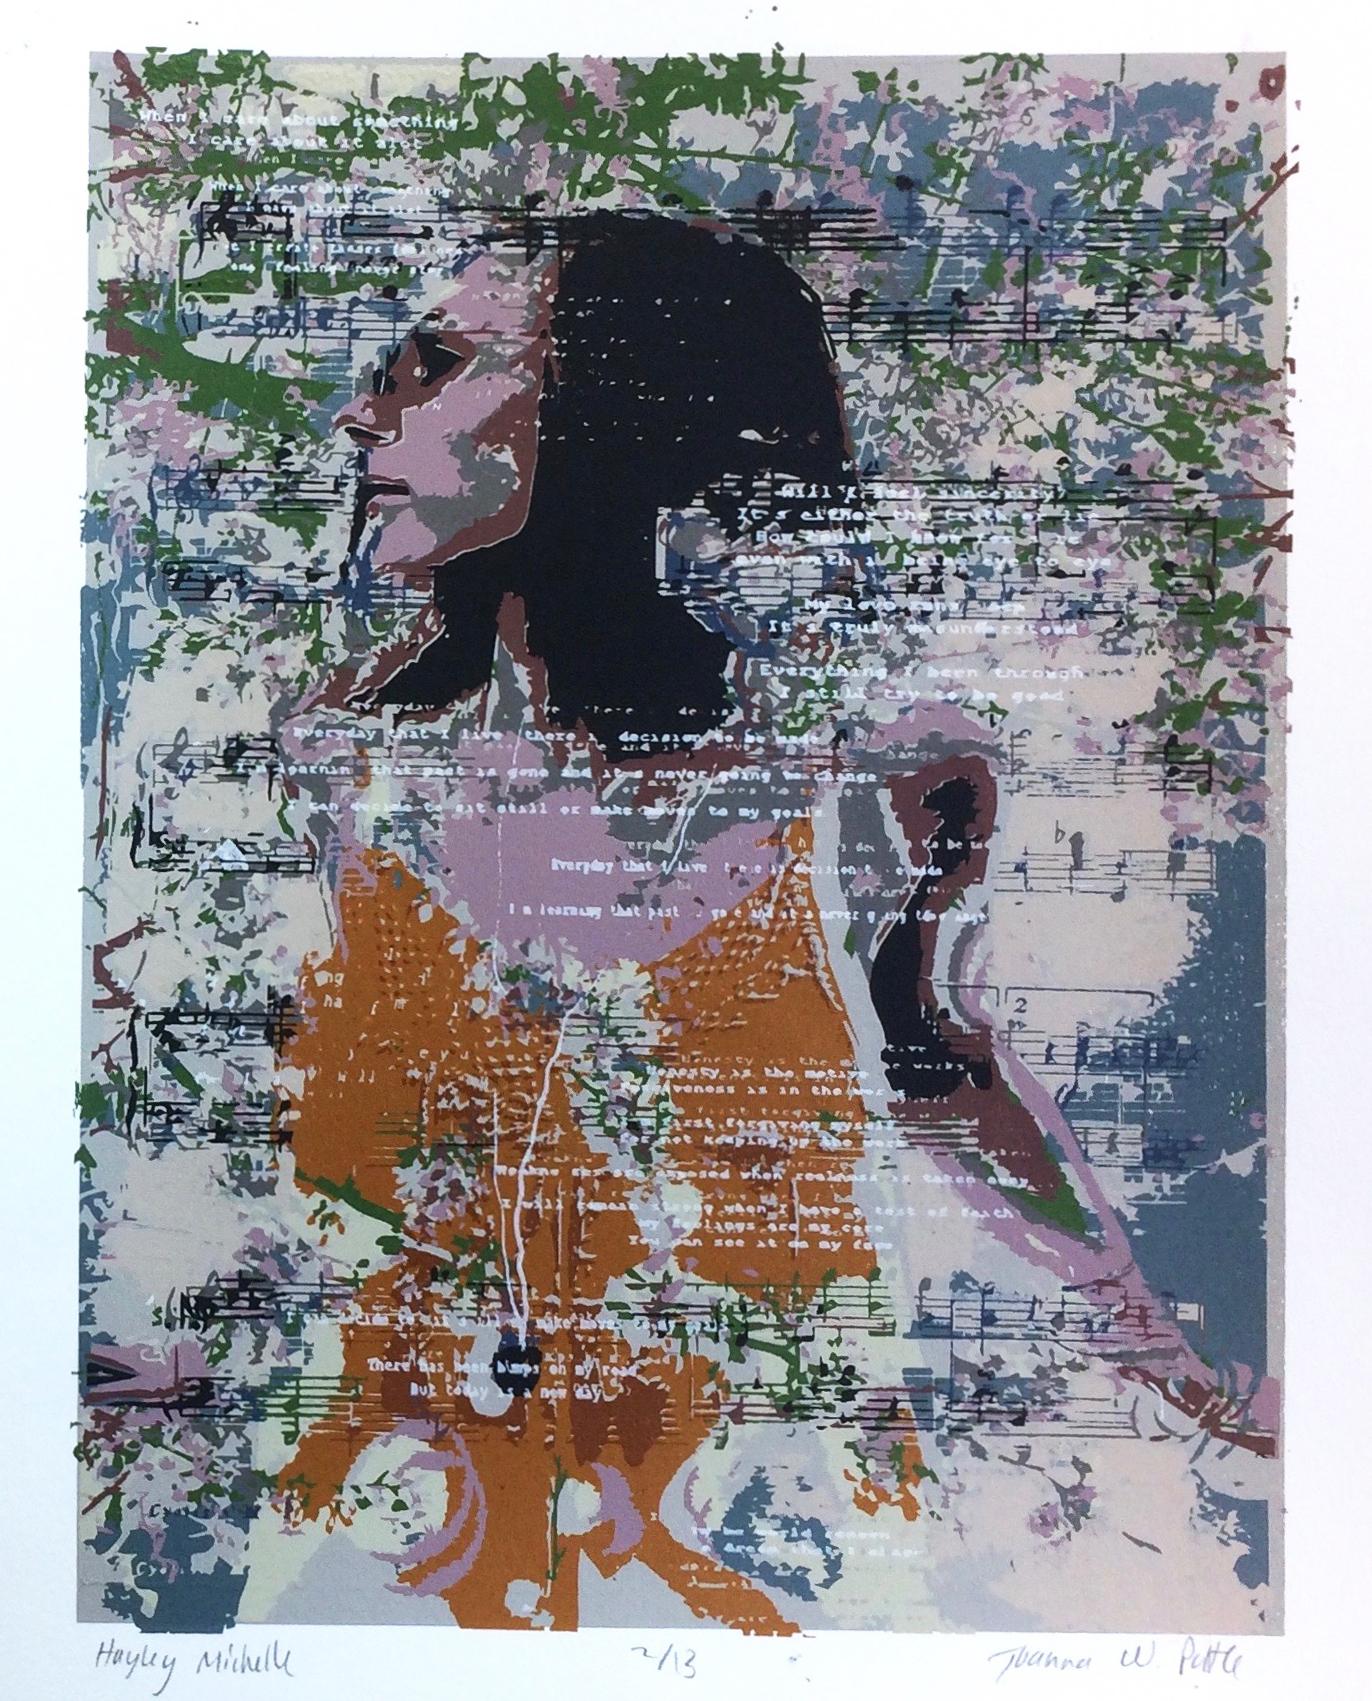 Joanna Pottle, Hayley Michelle, Screenprint, 14 x 11 in., $70 PROMO.jpg